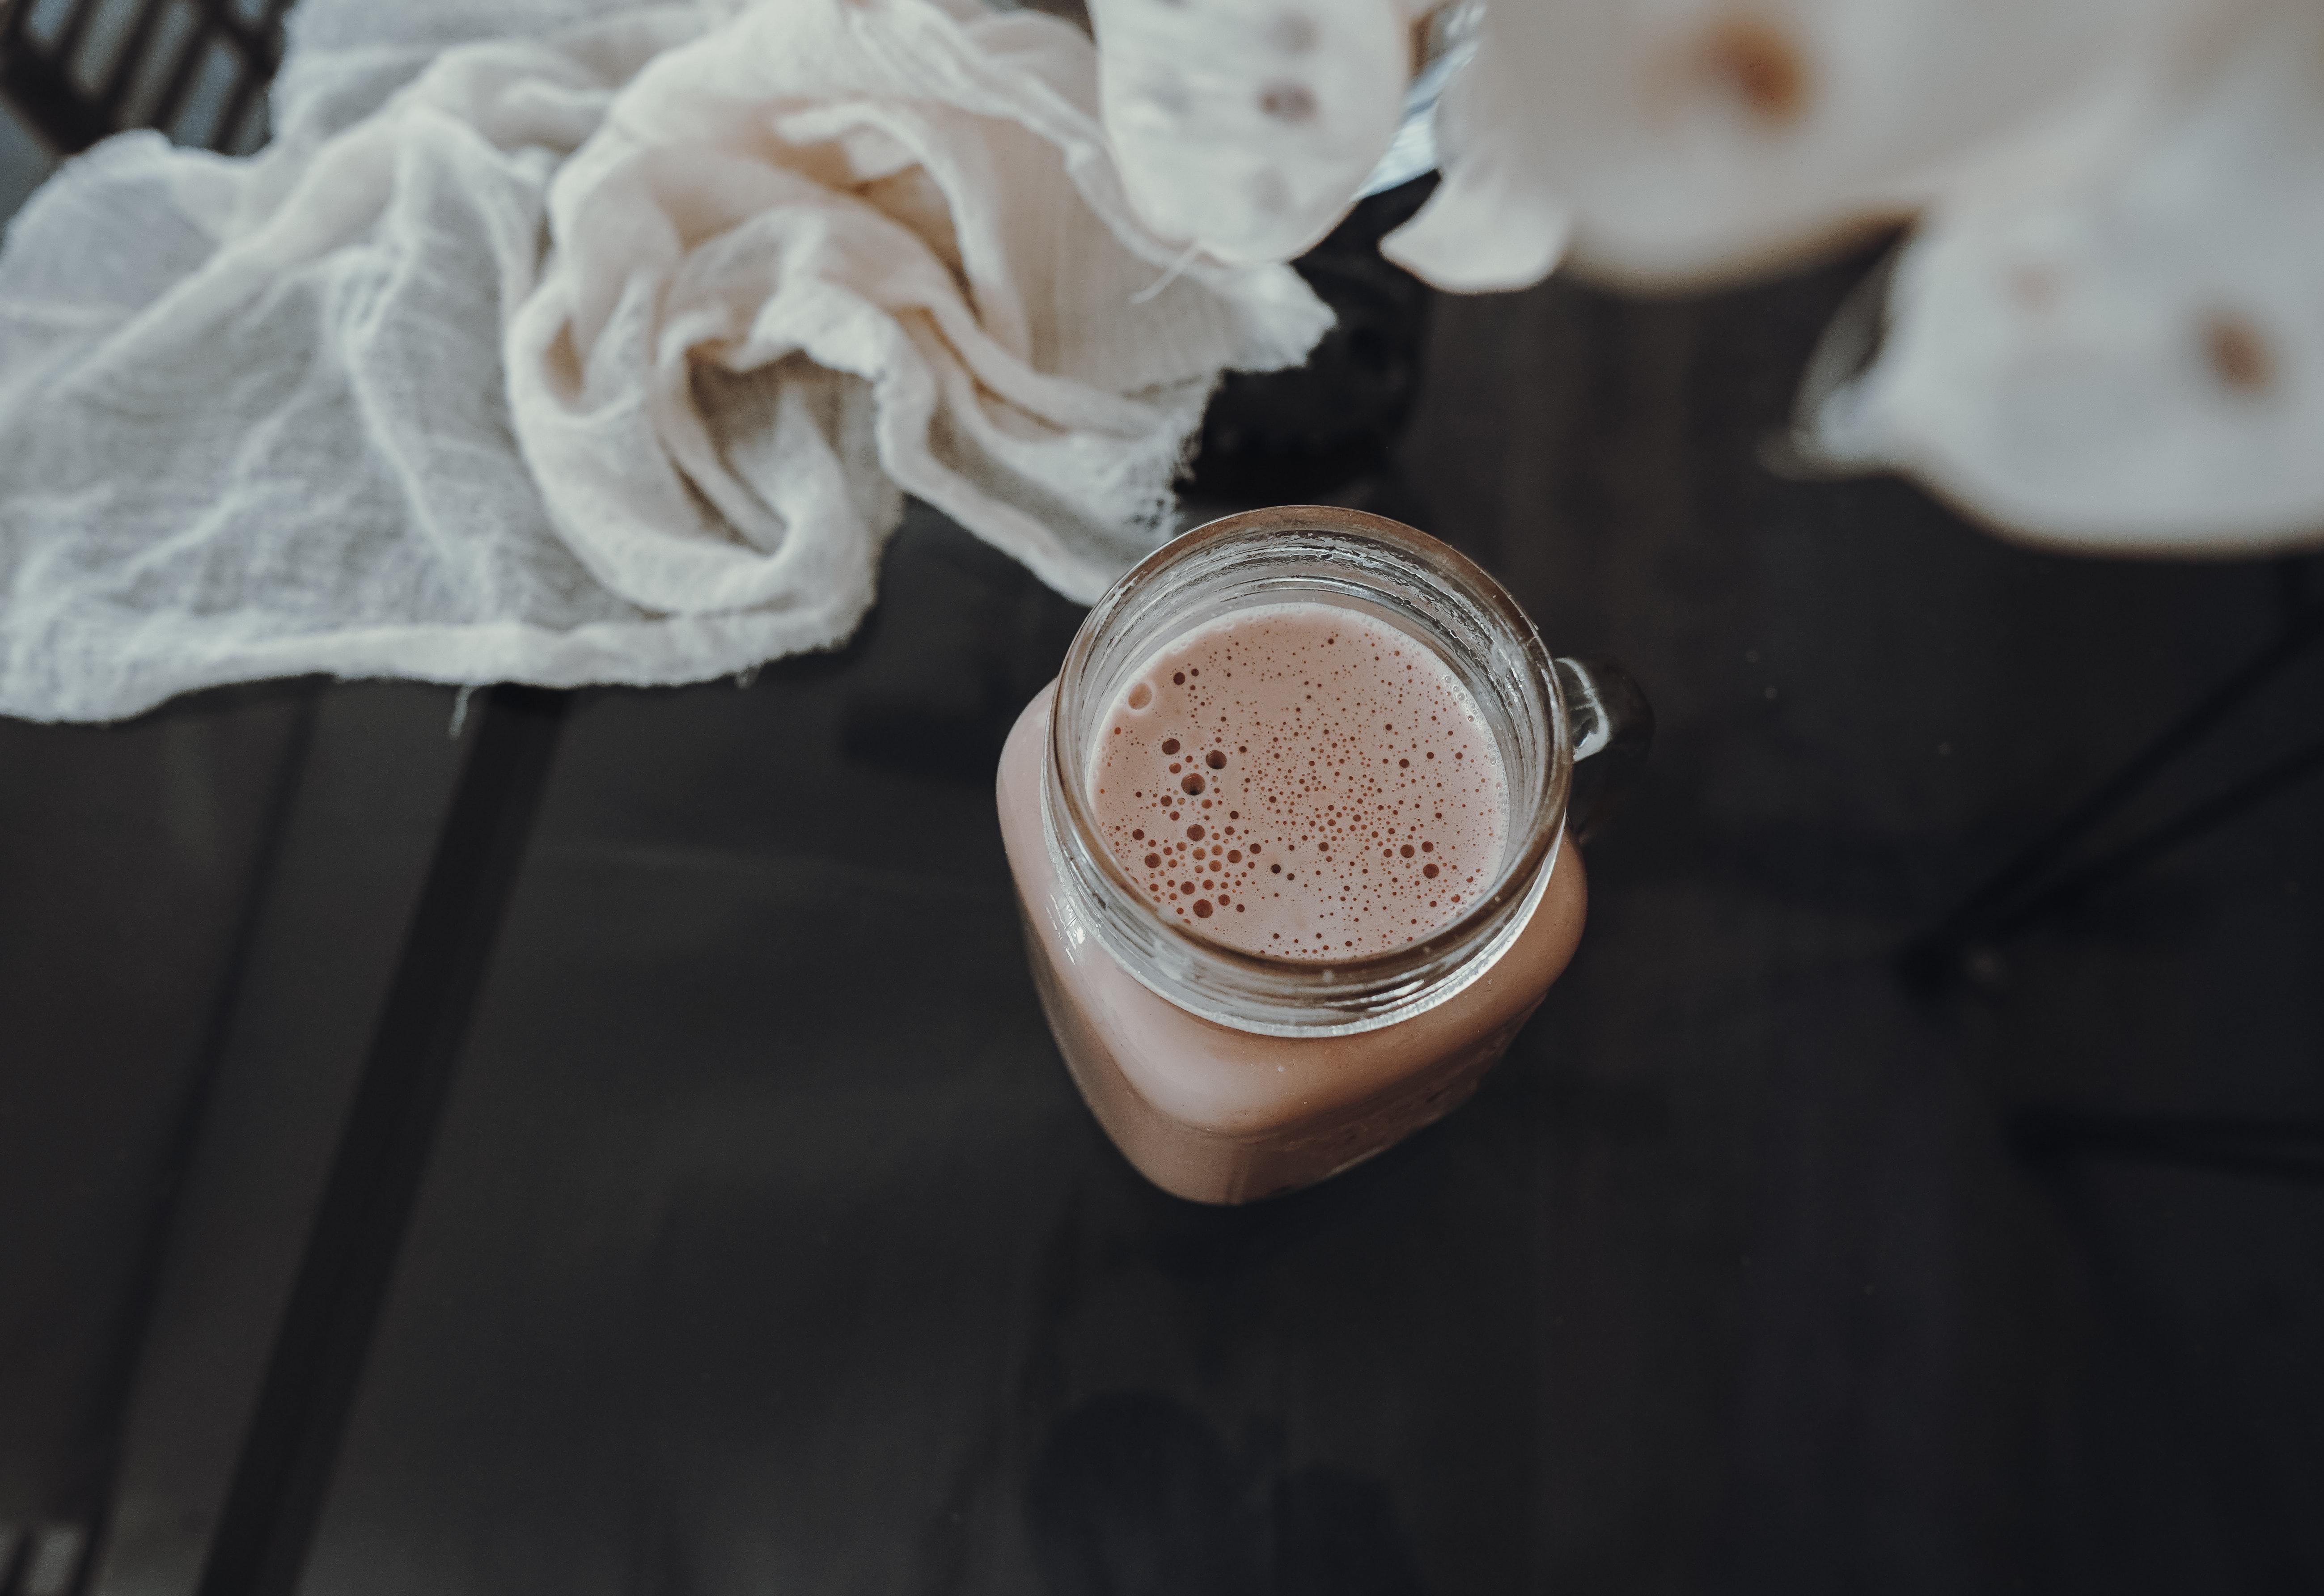 Iced Chocolate Milkshake recipe using The Velvetiser